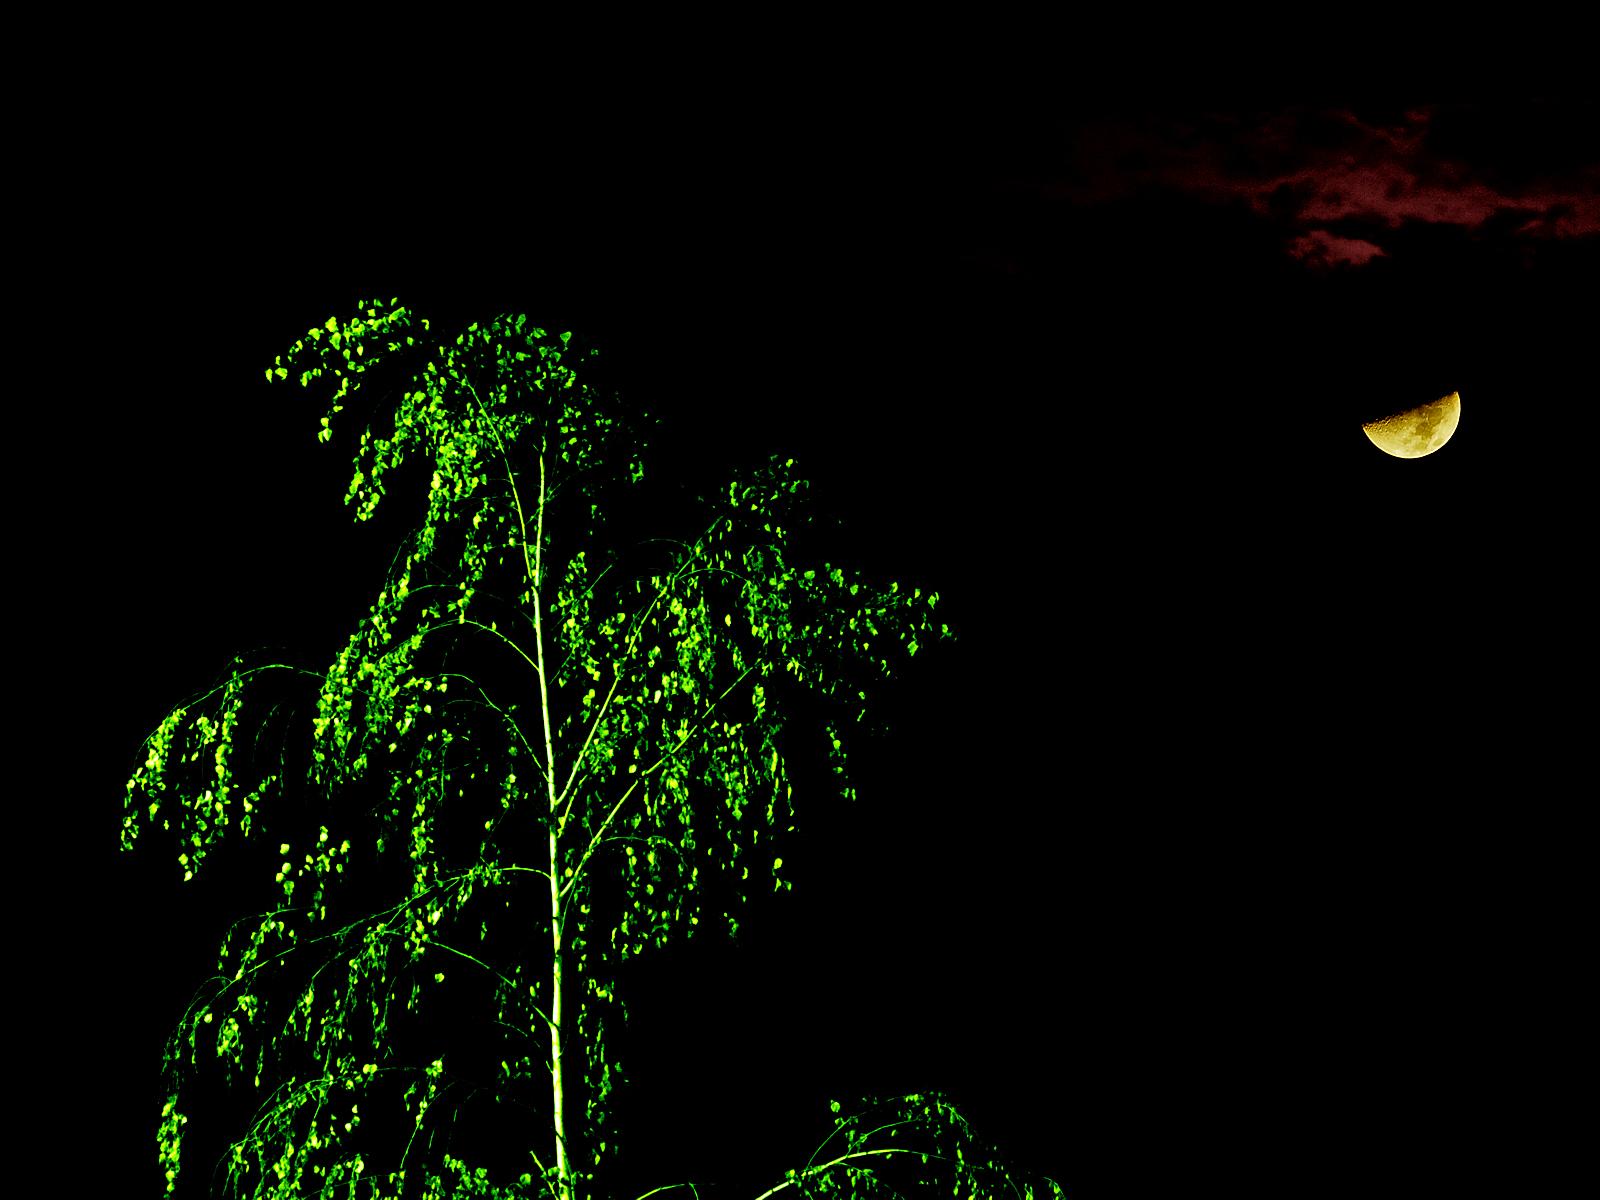 Martian tree illuminated by moonlight photo